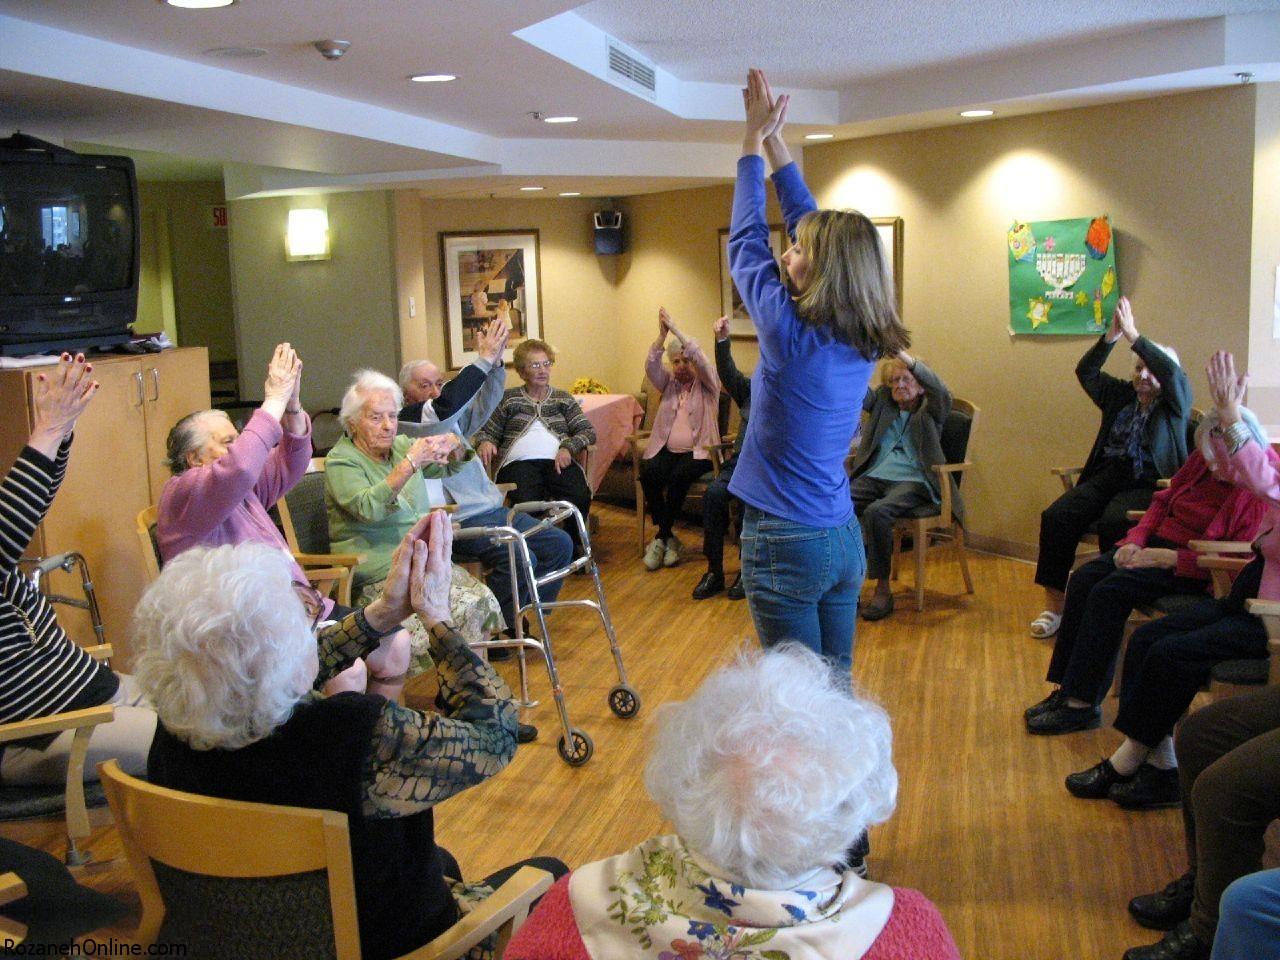 مدیریت زمان برای فعالیت ورزشی اشخاص سالمند